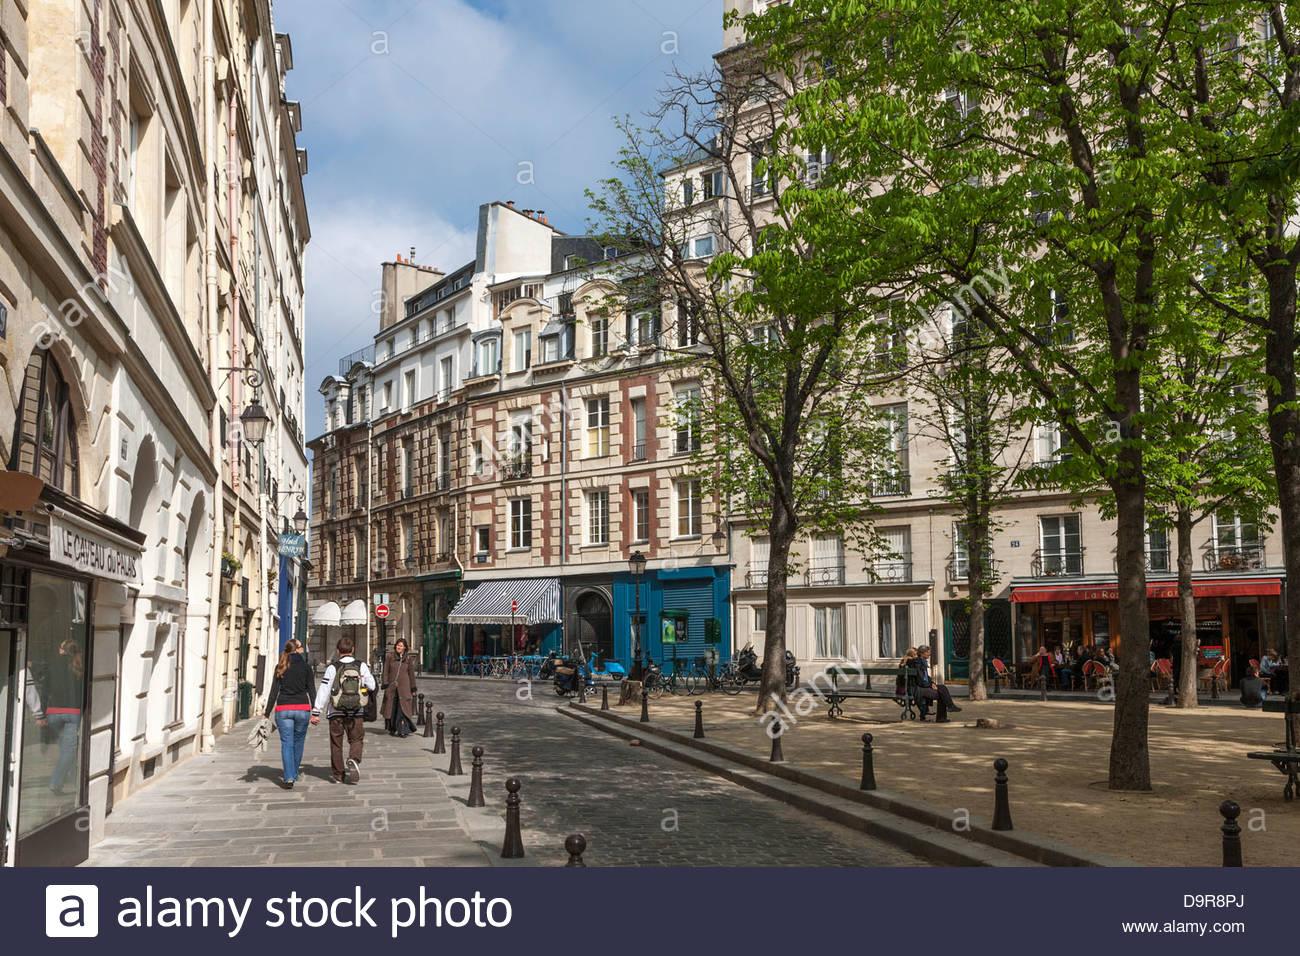 Île de la Cité,place Dauphine,paris,france - Stock Image